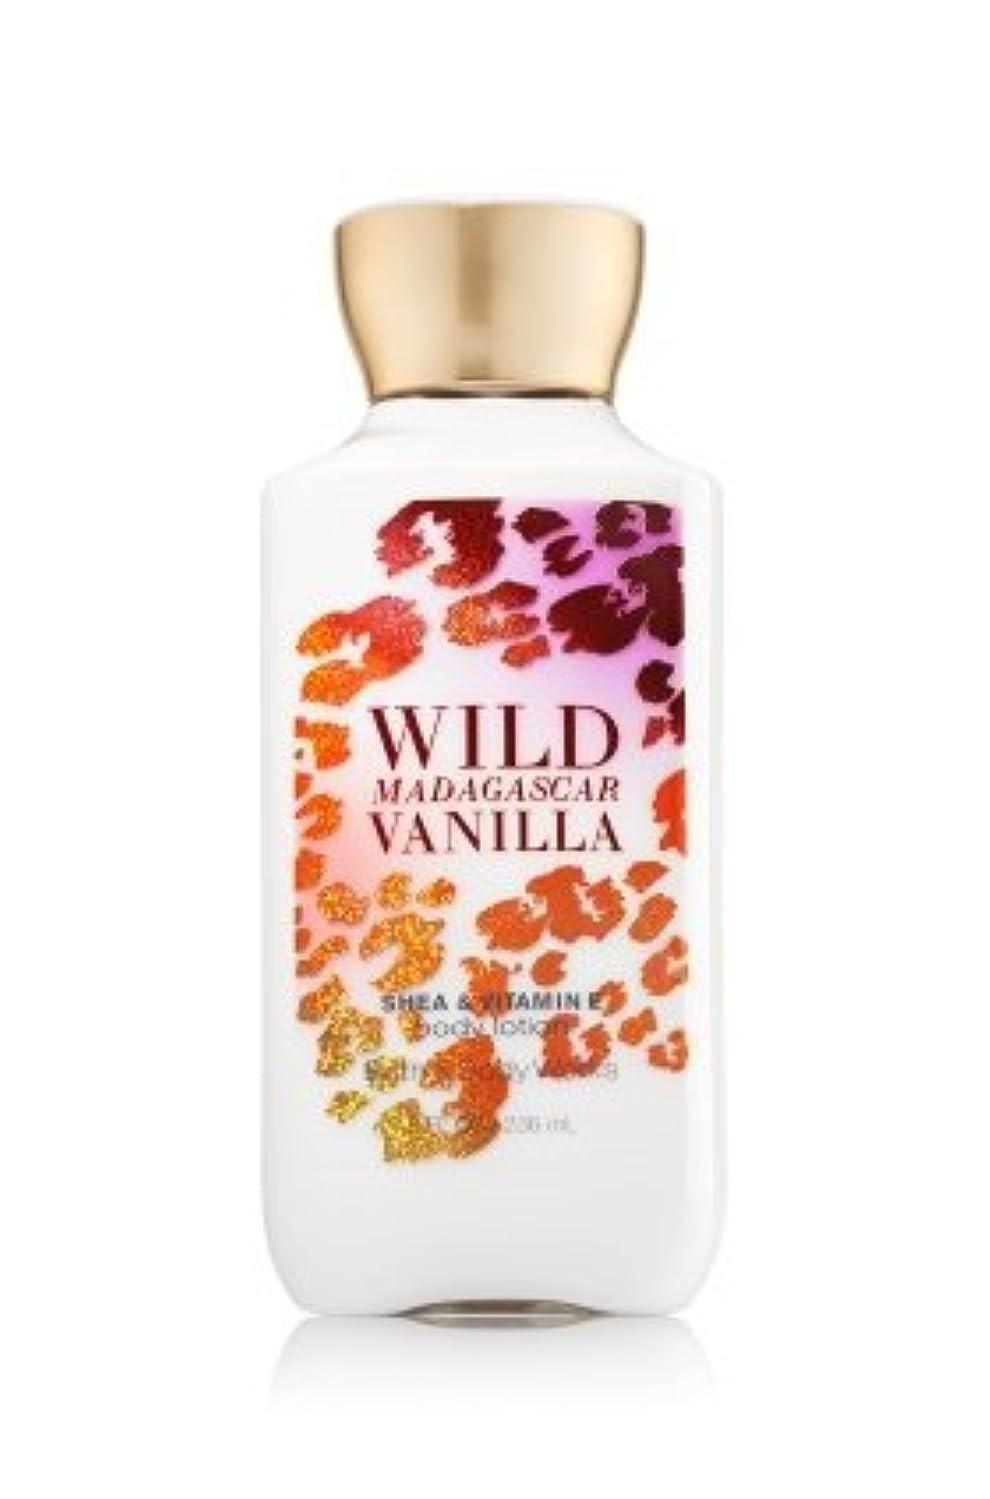 抑制する地域のご覧くださいBath & Body Works Wild Madagascar Vanilla Body Lotion 8 Fl Oz. [並行輸入品]